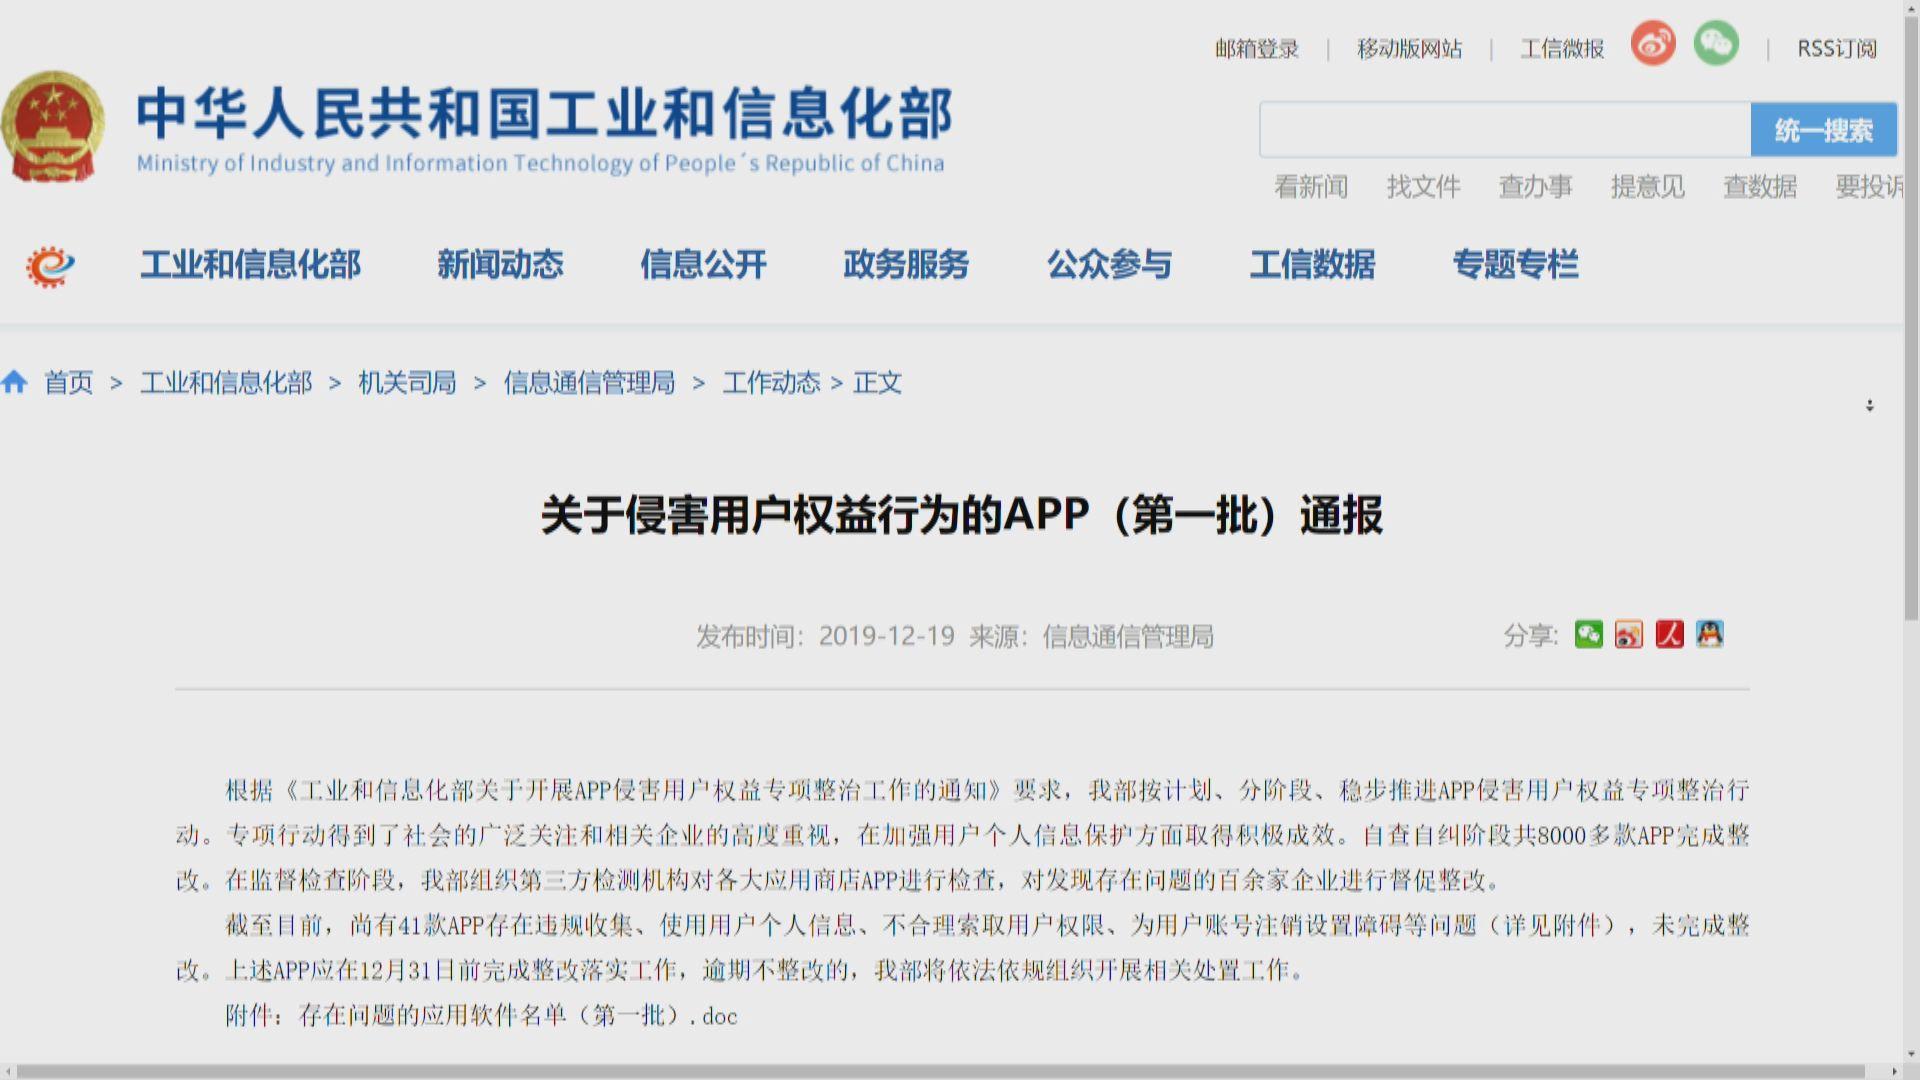 【QQ違規】工信部:騰訊、QQ等涉嫌侵害用戶權益